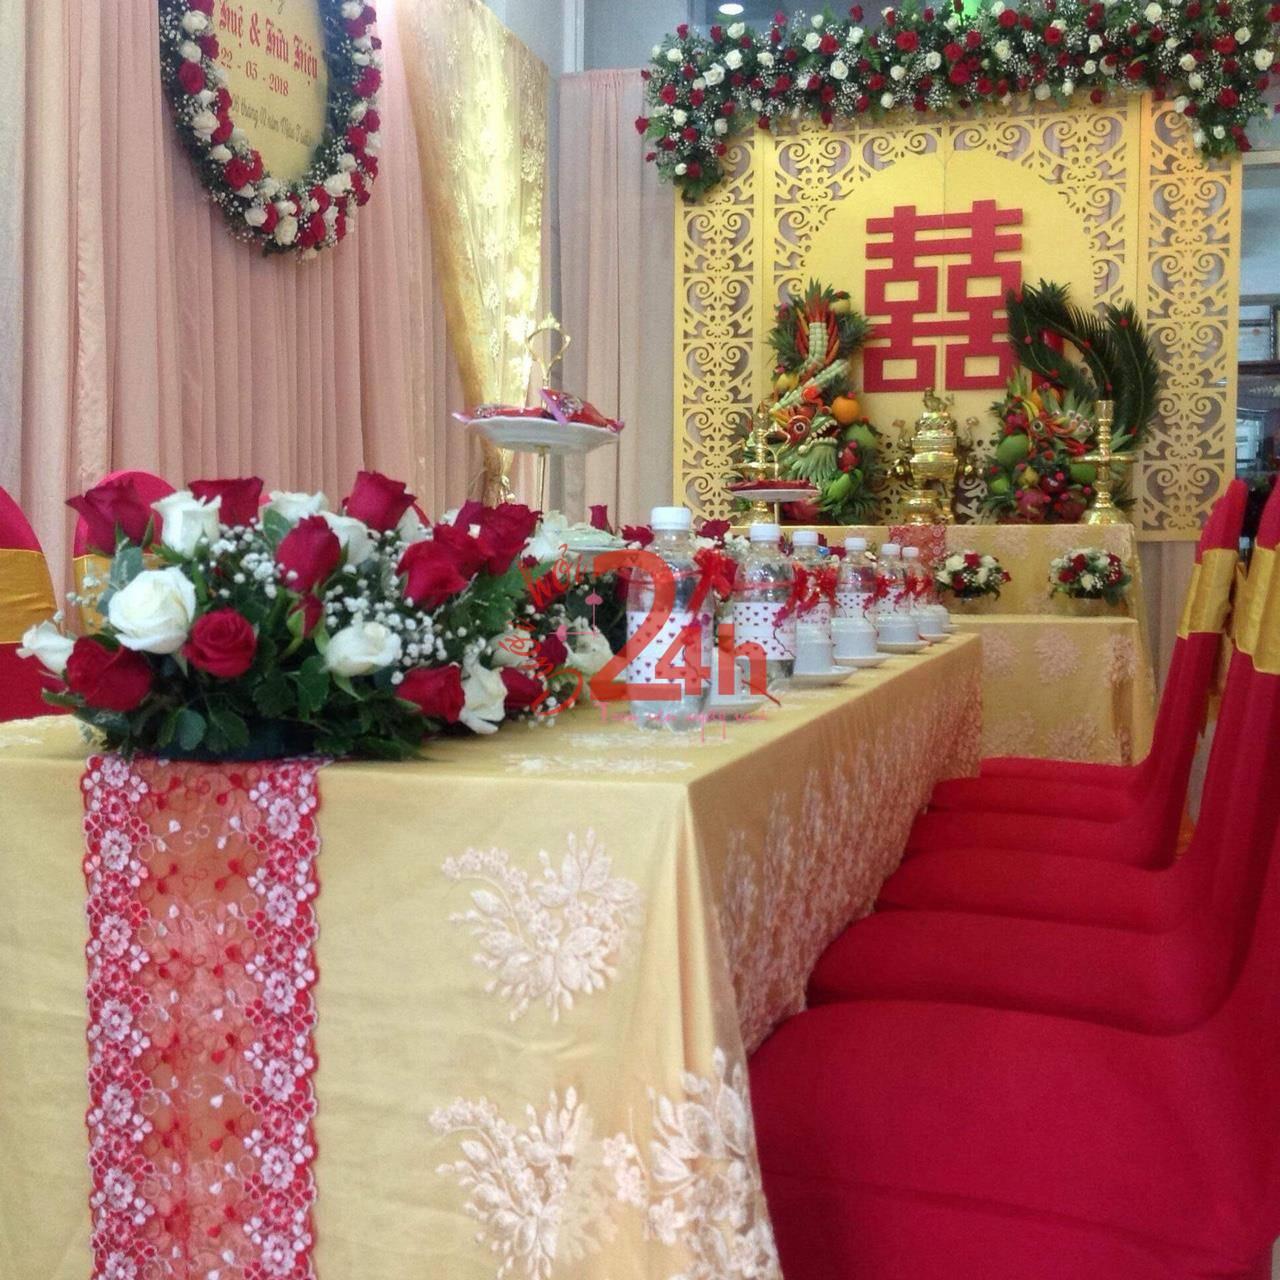 Dịch vụ cưới hỏi 24h trọn vẹn ngày vui chuyên trang trí nhà đám cưới hỏi và nhà hàng tiệc cưới | Hoa để bàn lễ (2)